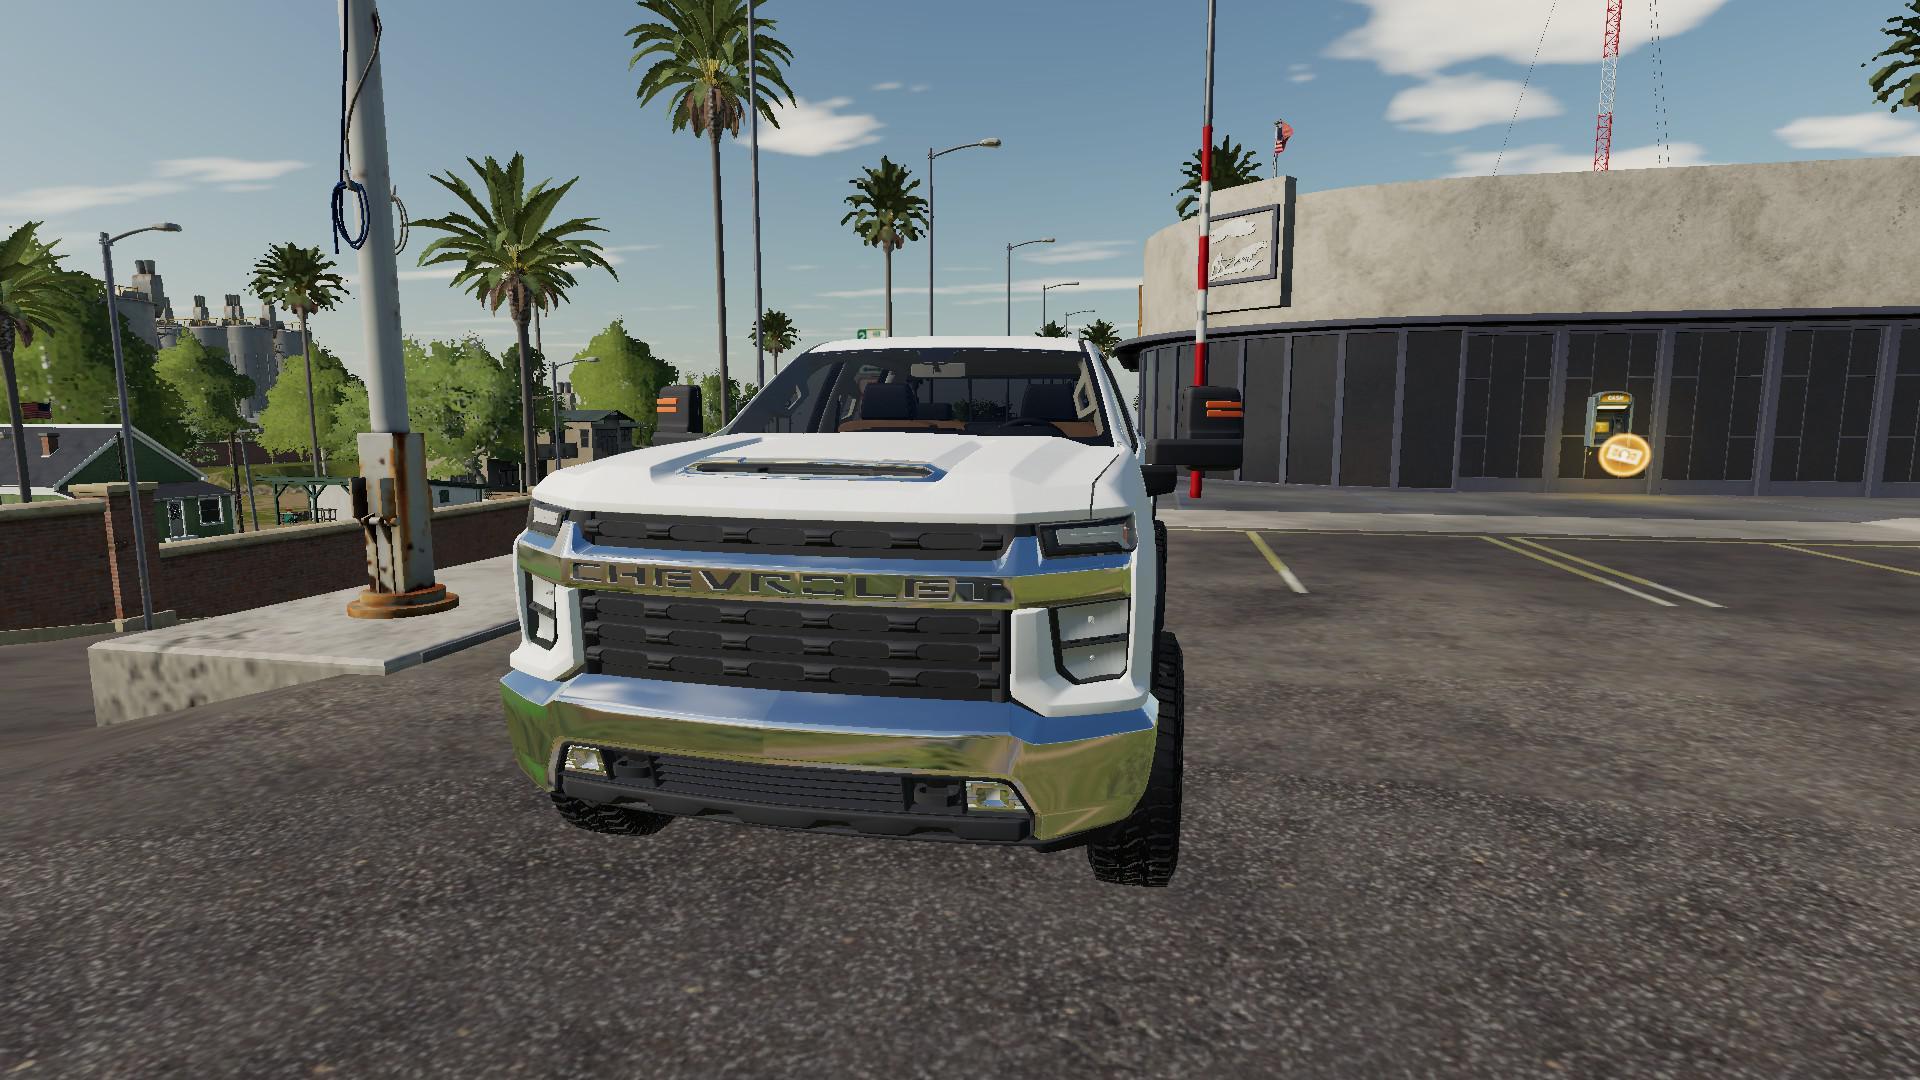 FS19 2020 Chevy Silverado 2500HD Duramax v1.0 - Farming ...